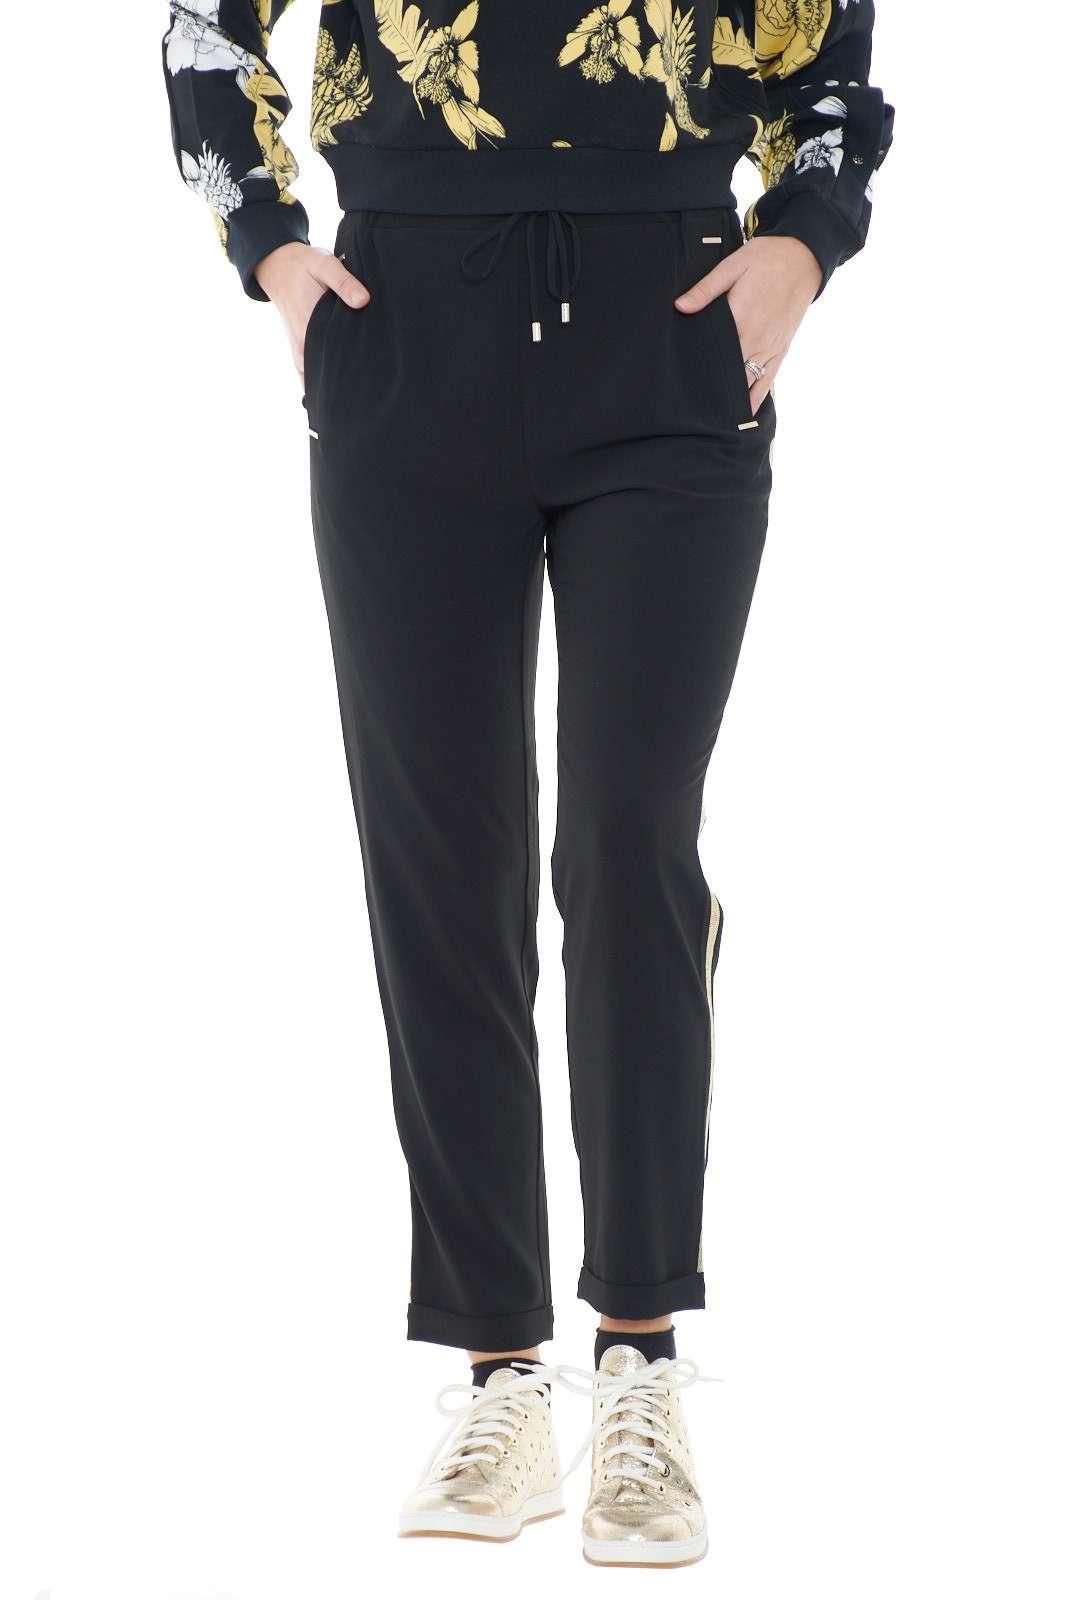 Un pantalone comodo e versatile quello firmato dalla collezione donna Liu Jo Sport. Una linea semplice impreziosita dalle bande laterali create con micro borchie e dai rivetti in contrasto alle tasche. Un essential della moda donna per i look più pratici.